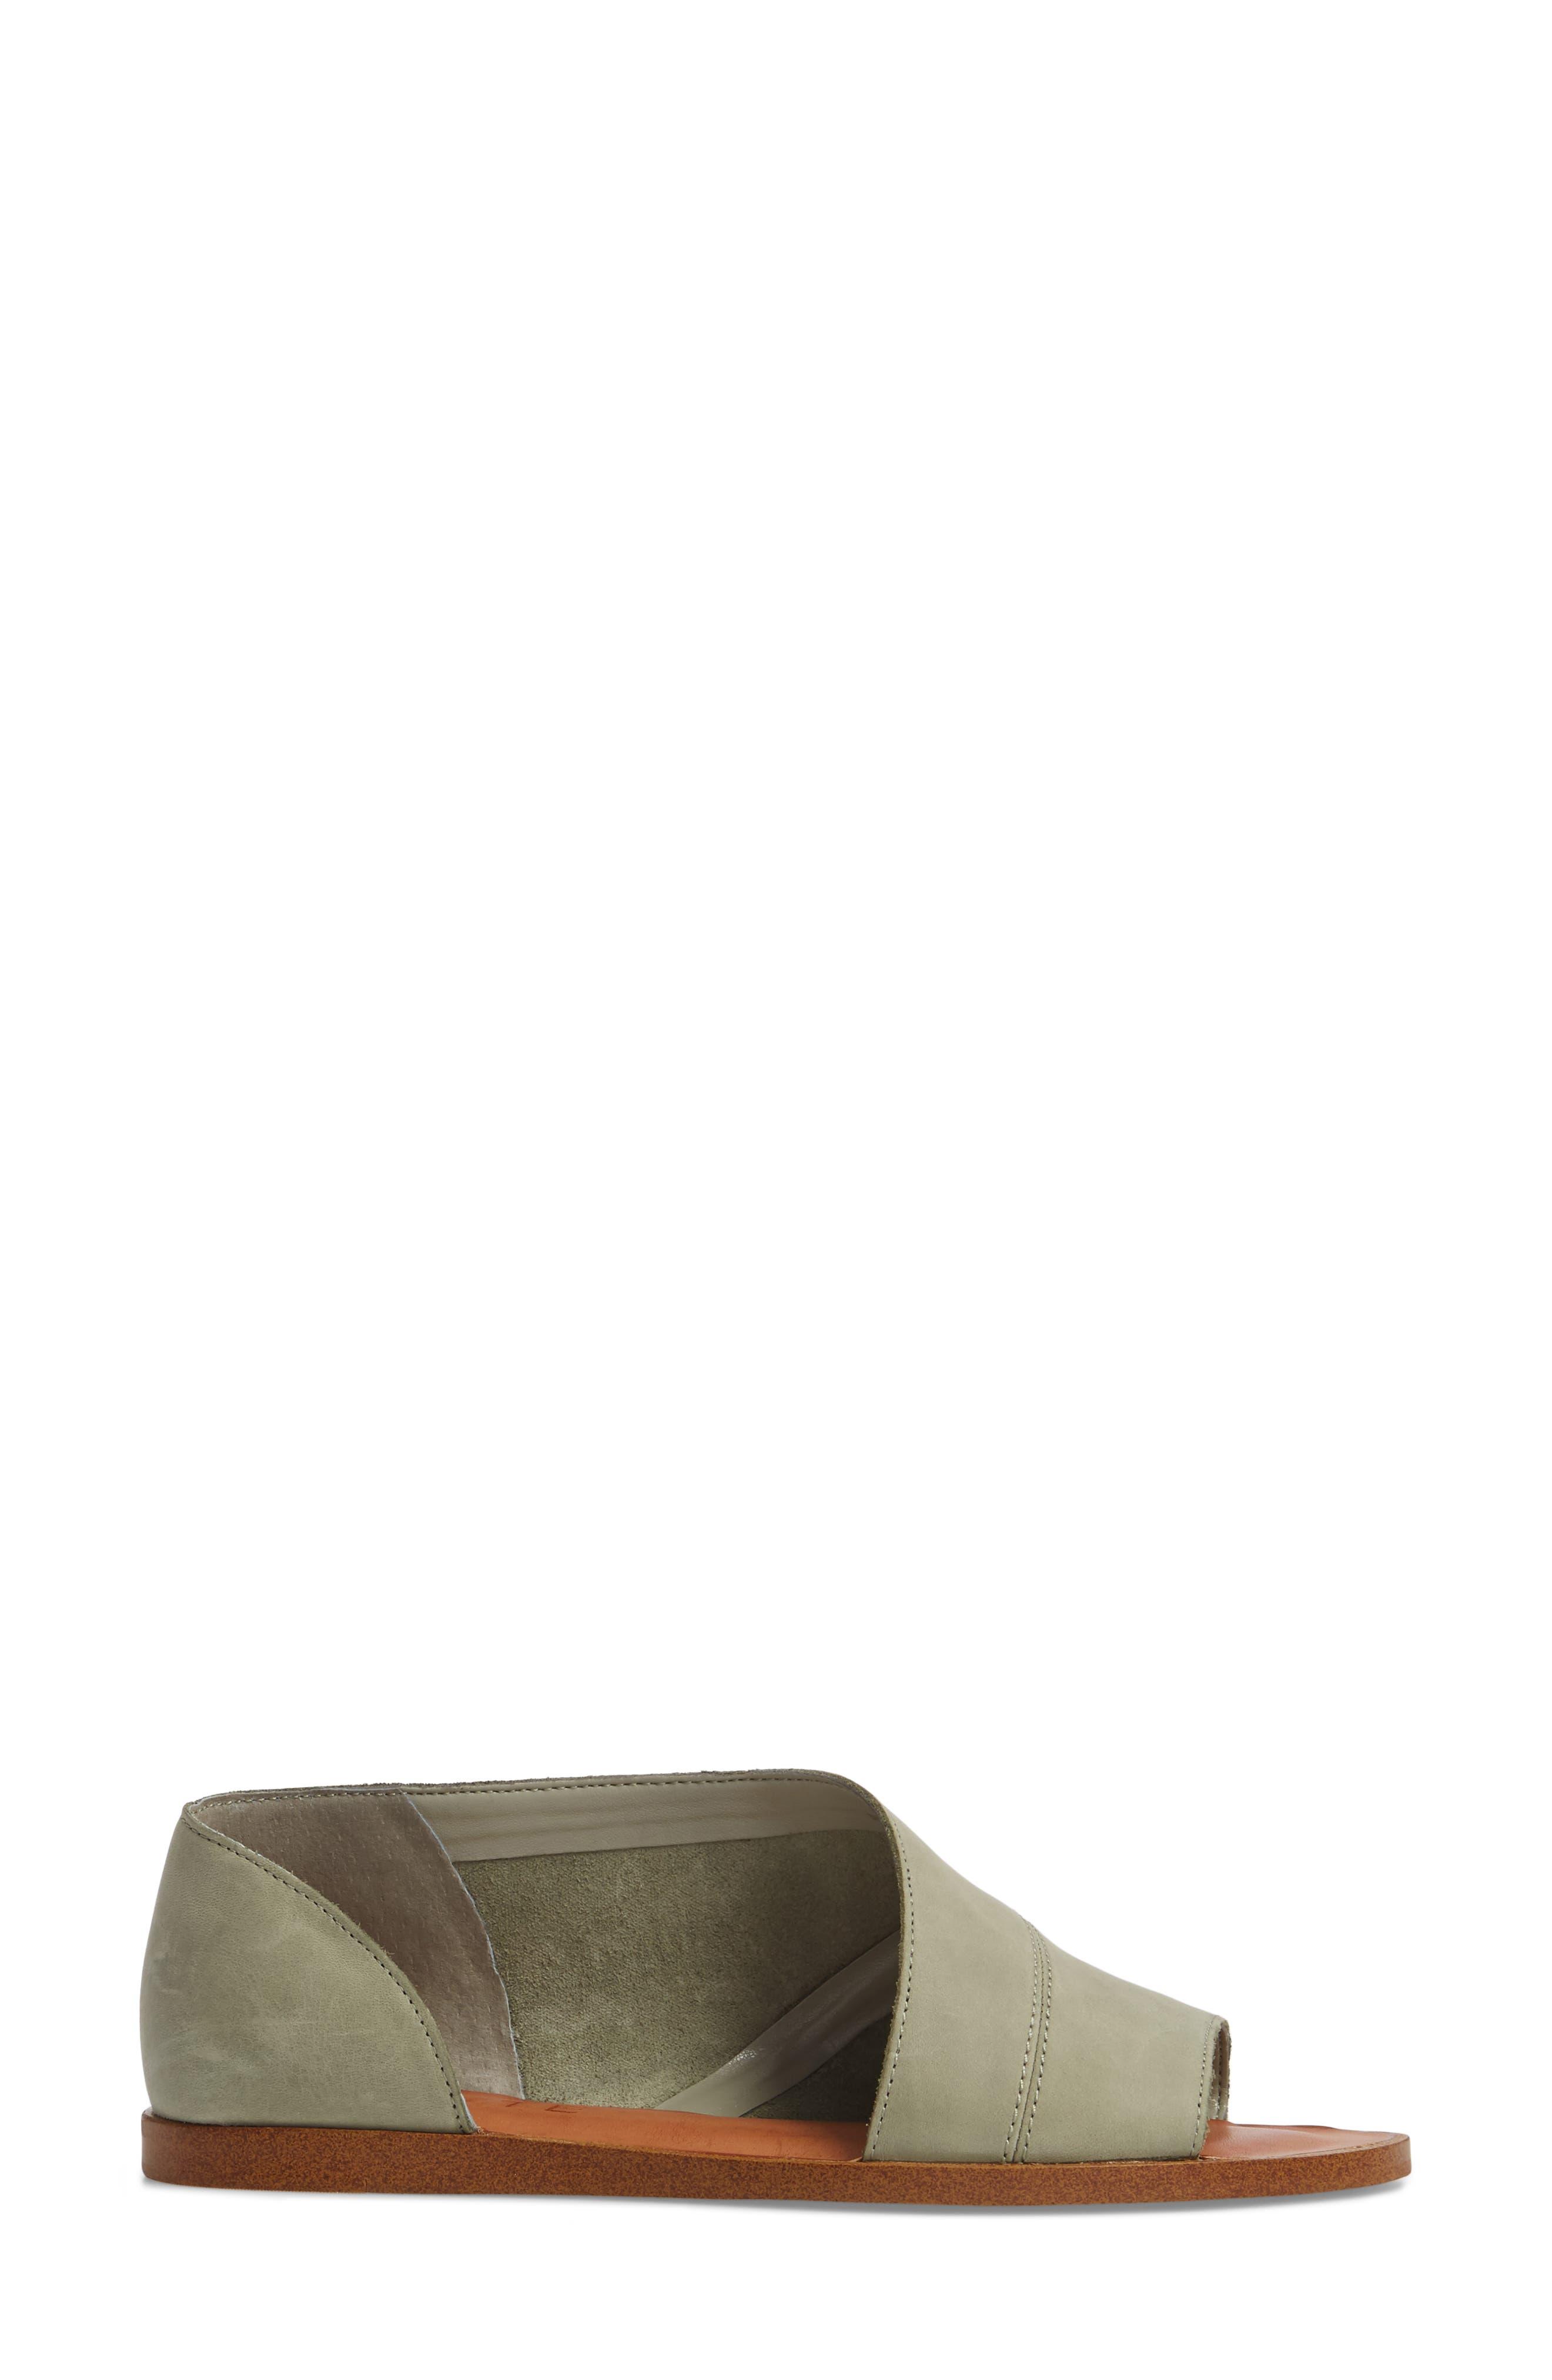 Celvin Sandal,                             Alternate thumbnail 3, color,                             Nettle Leather